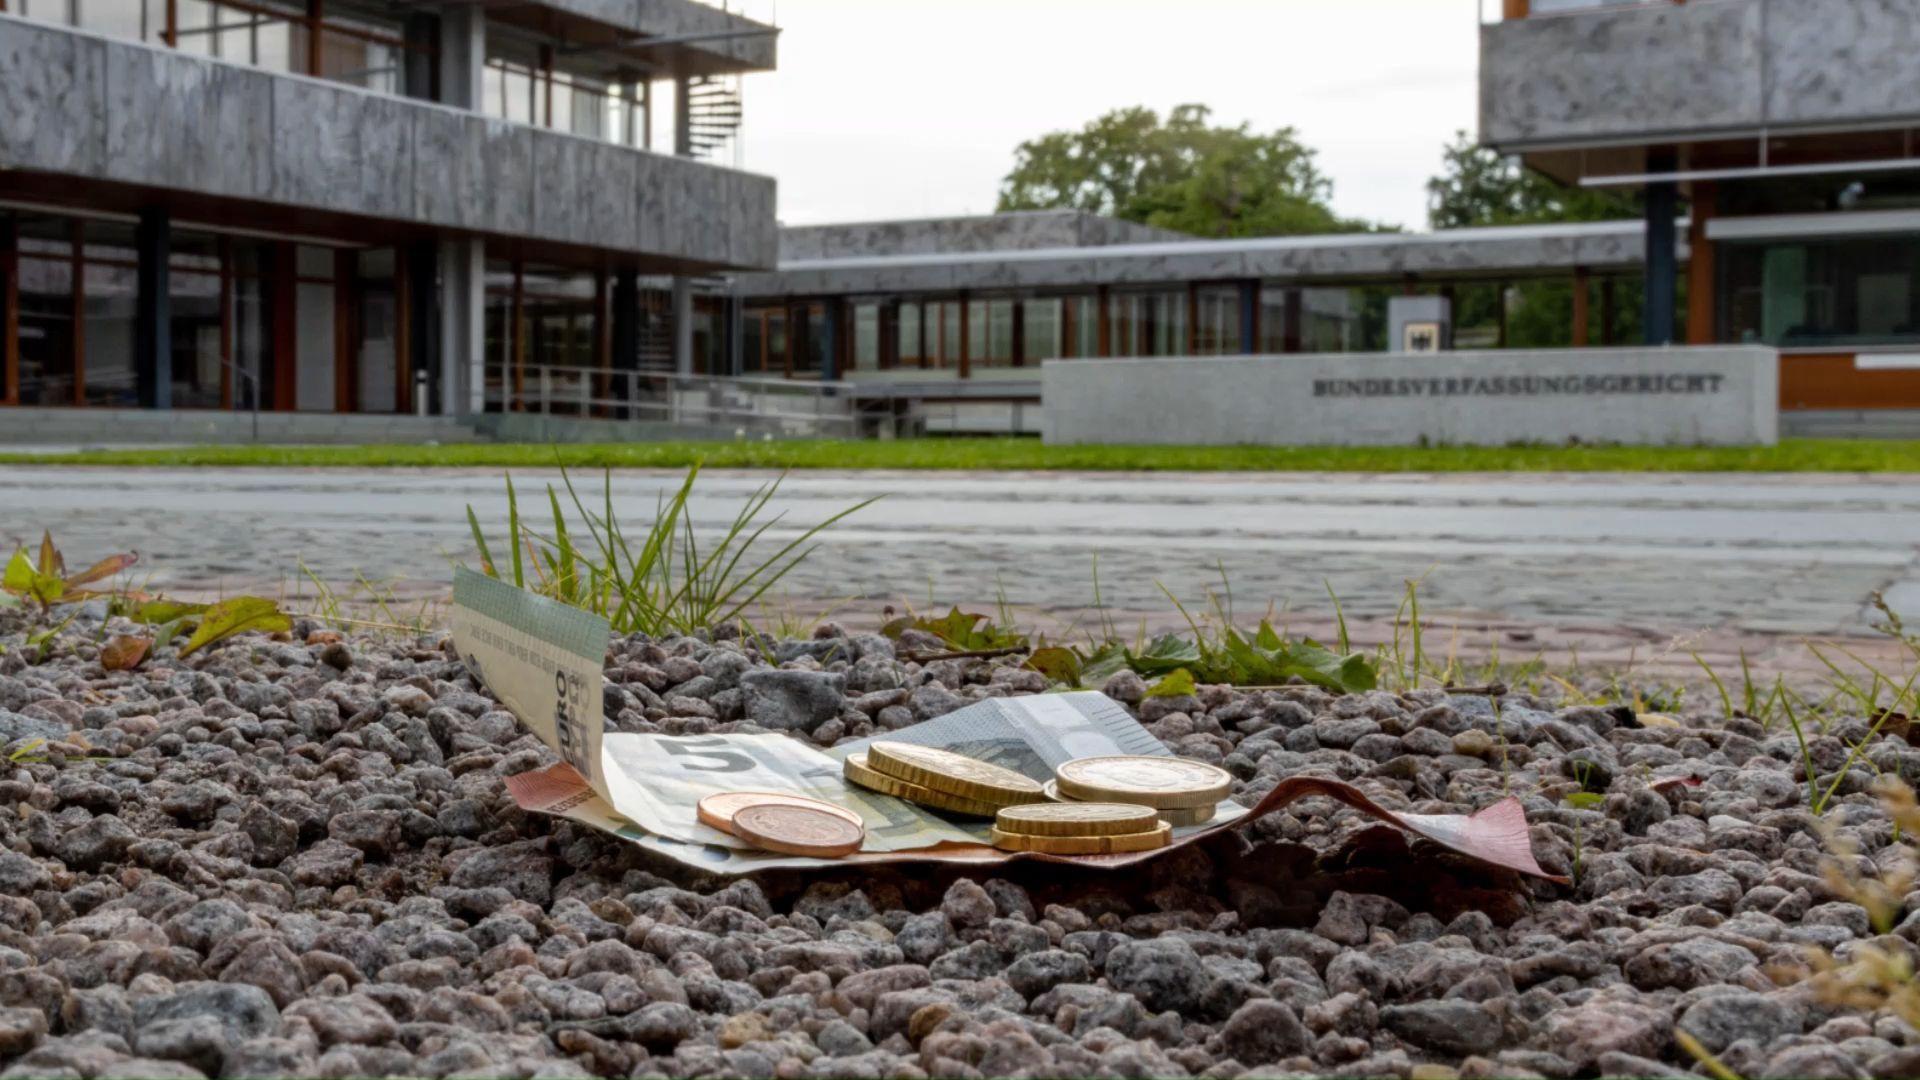 Urteil: Verfassungsgericht erhöht Rundfunkbeitrag um 86 Cent